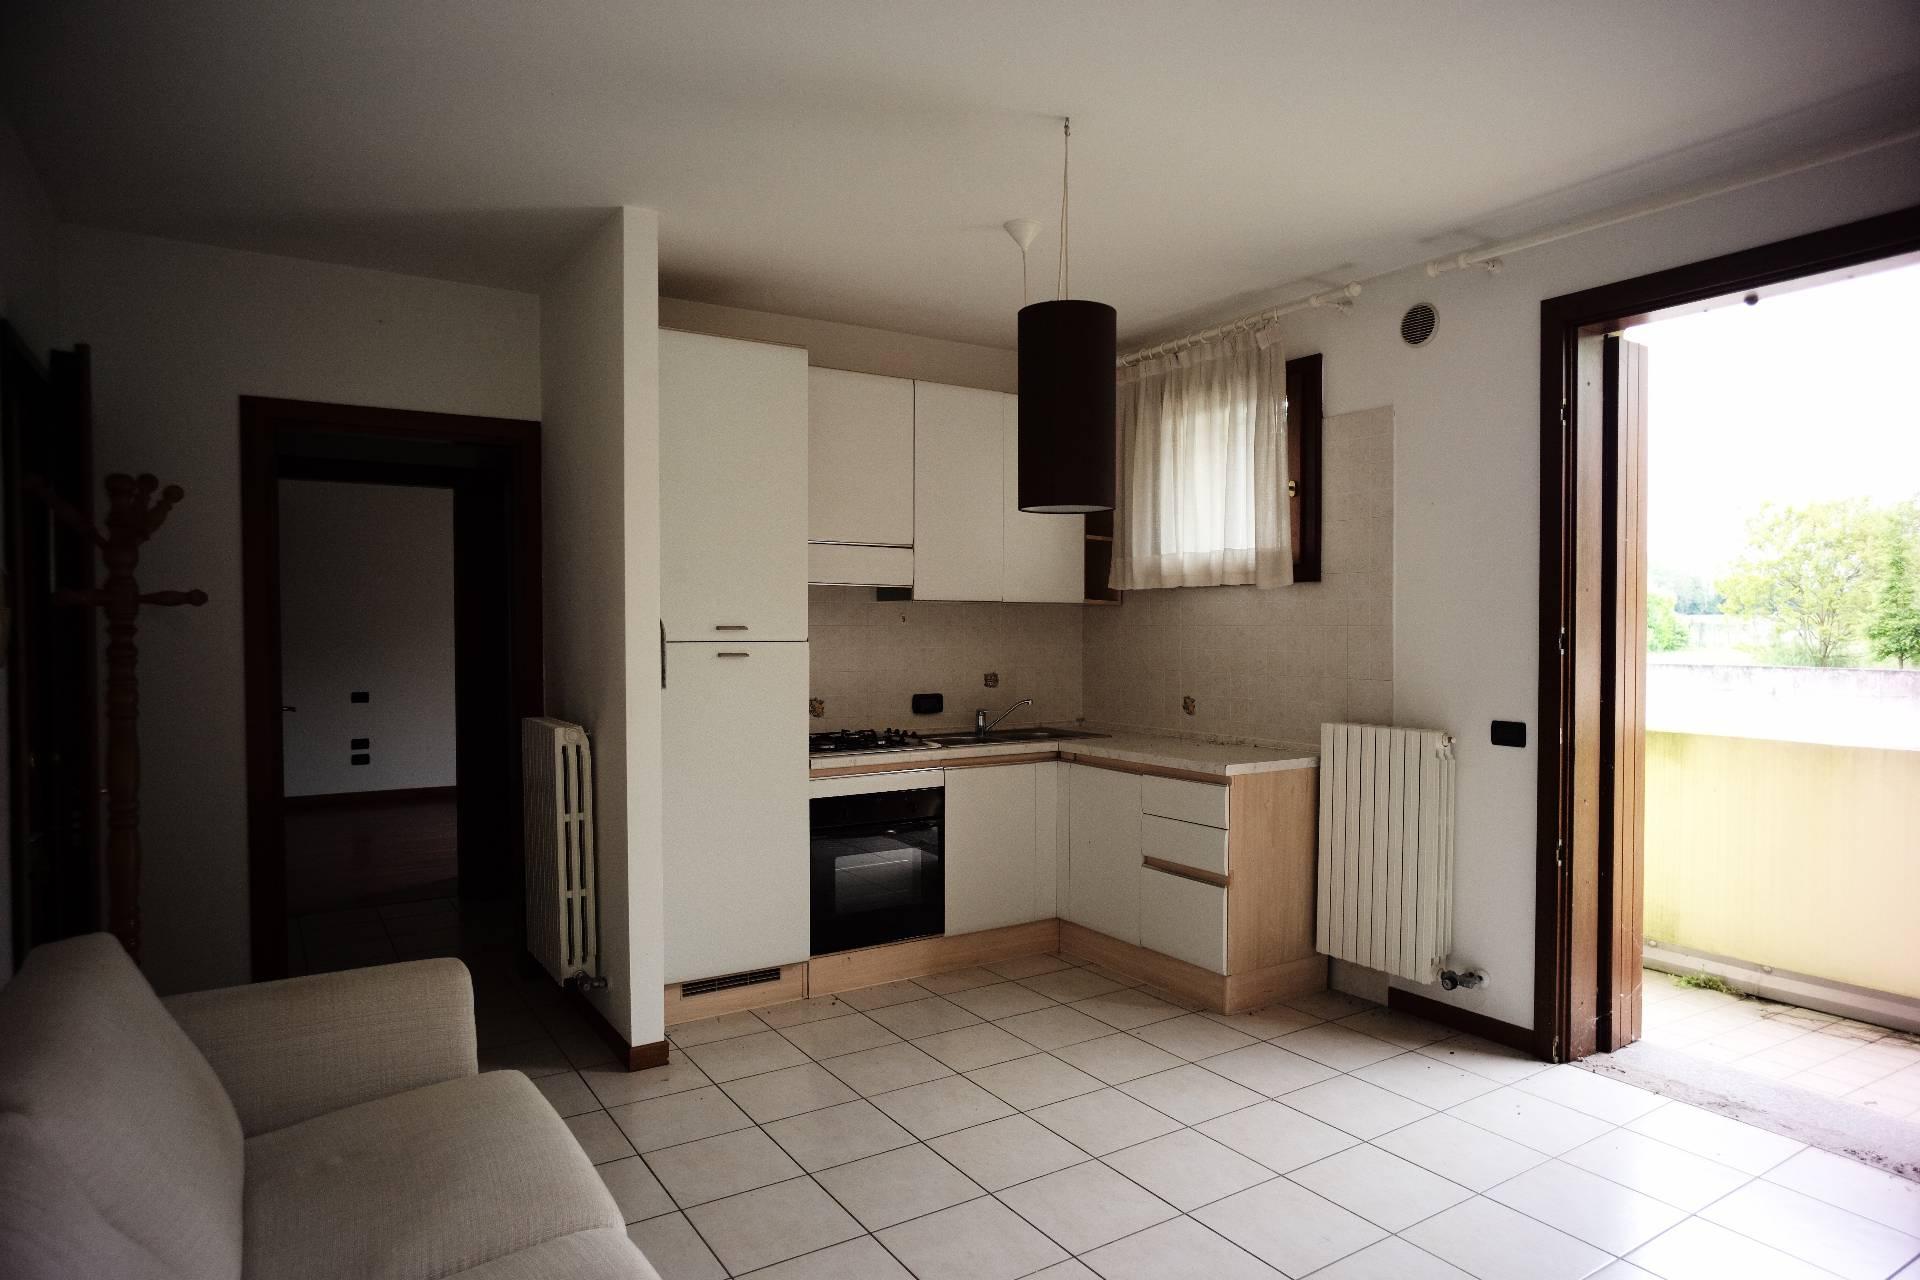 Appartamento in vendita a Villorba, 2 locali, zona tà, prezzo € 90.000 | PortaleAgenzieImmobiliari.it